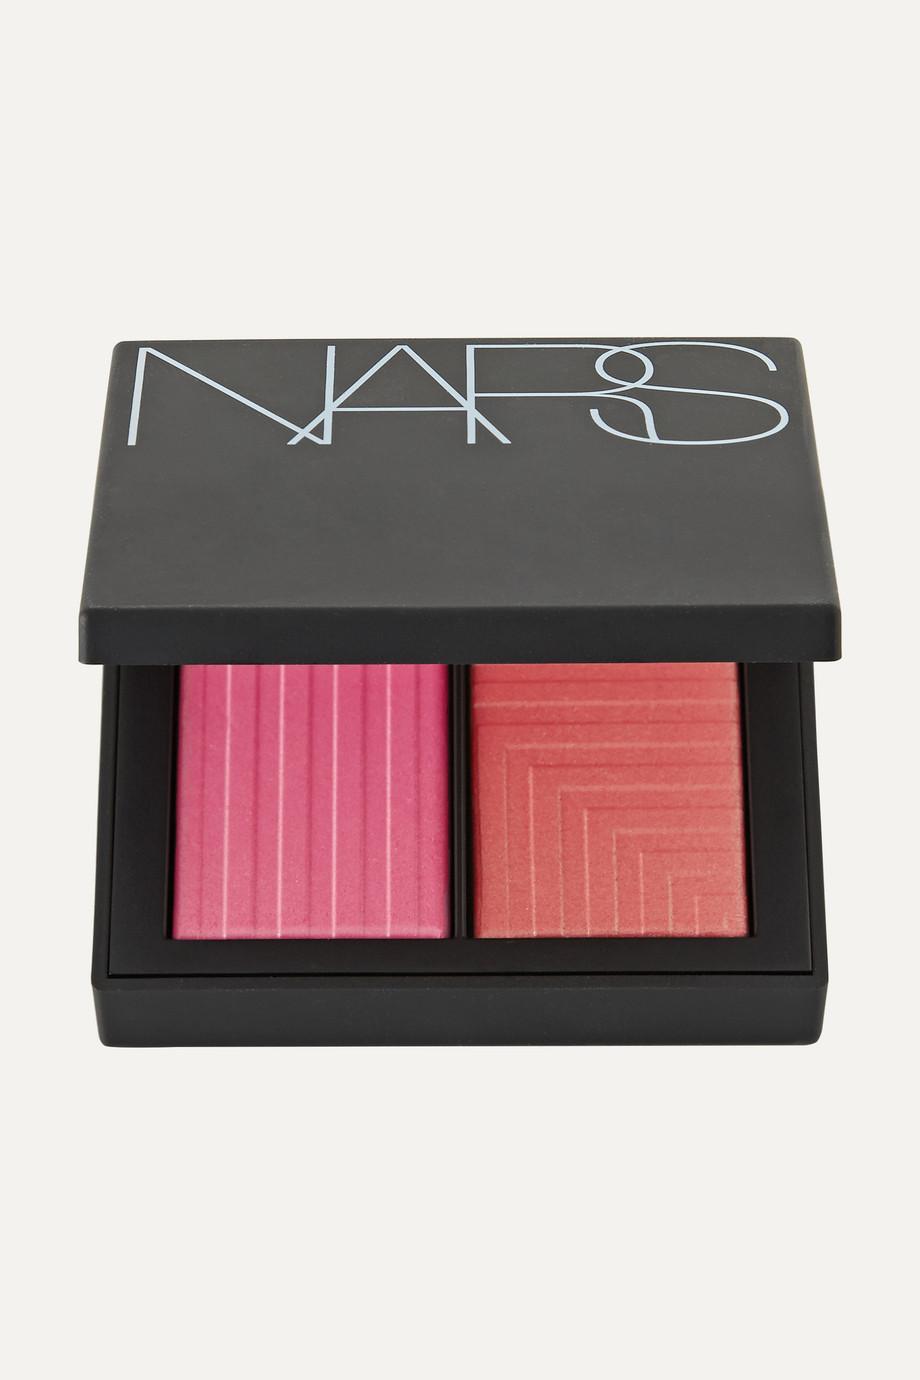 NARS Dual-Intensity Blush - Panic